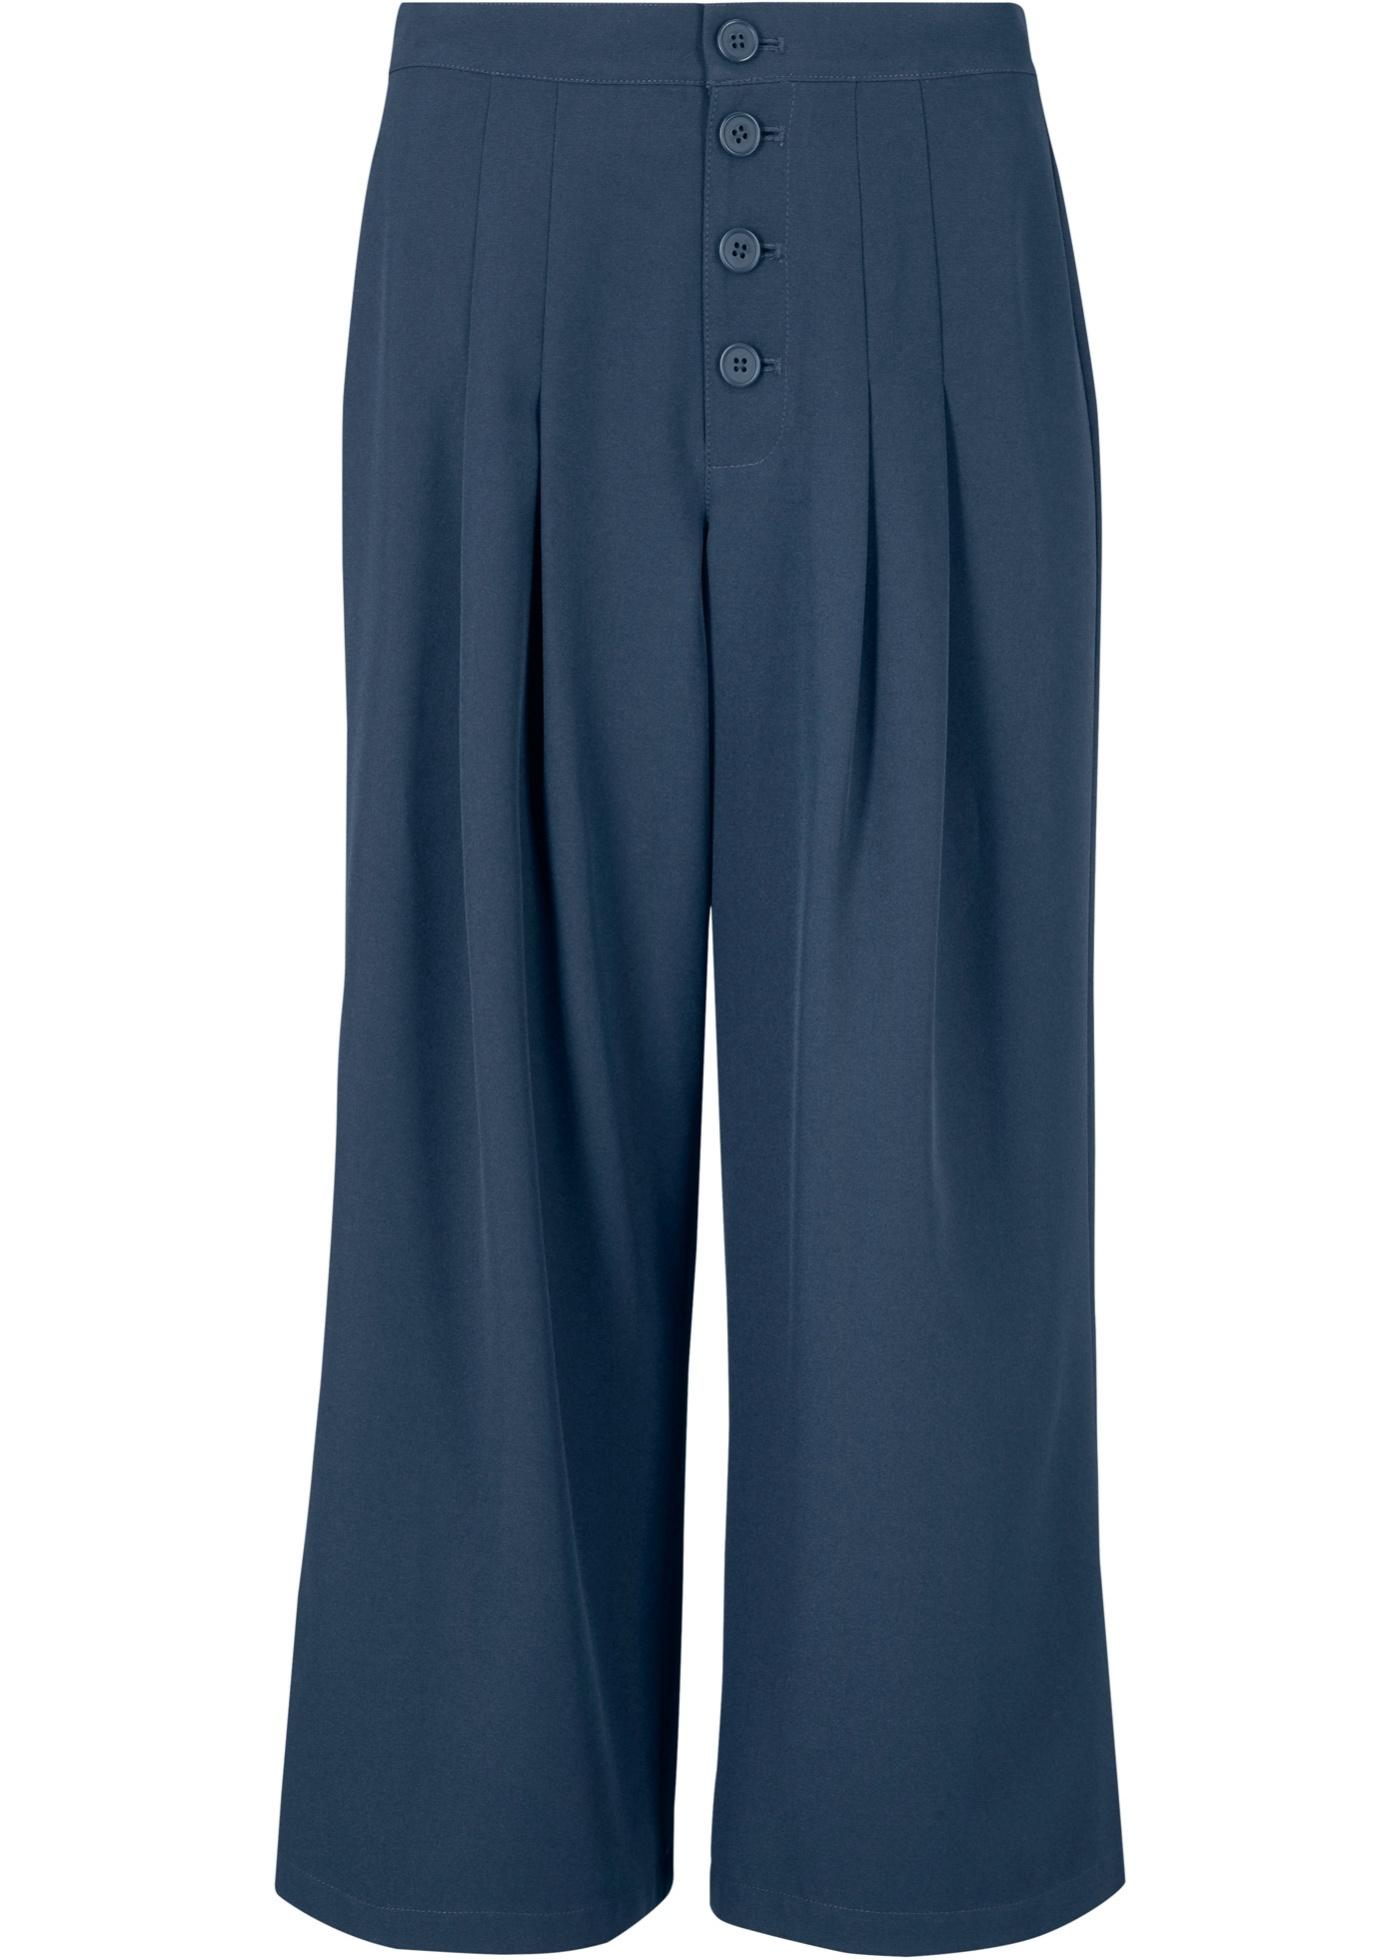 Culotte, wadenlang in blau für Damen von bonprix